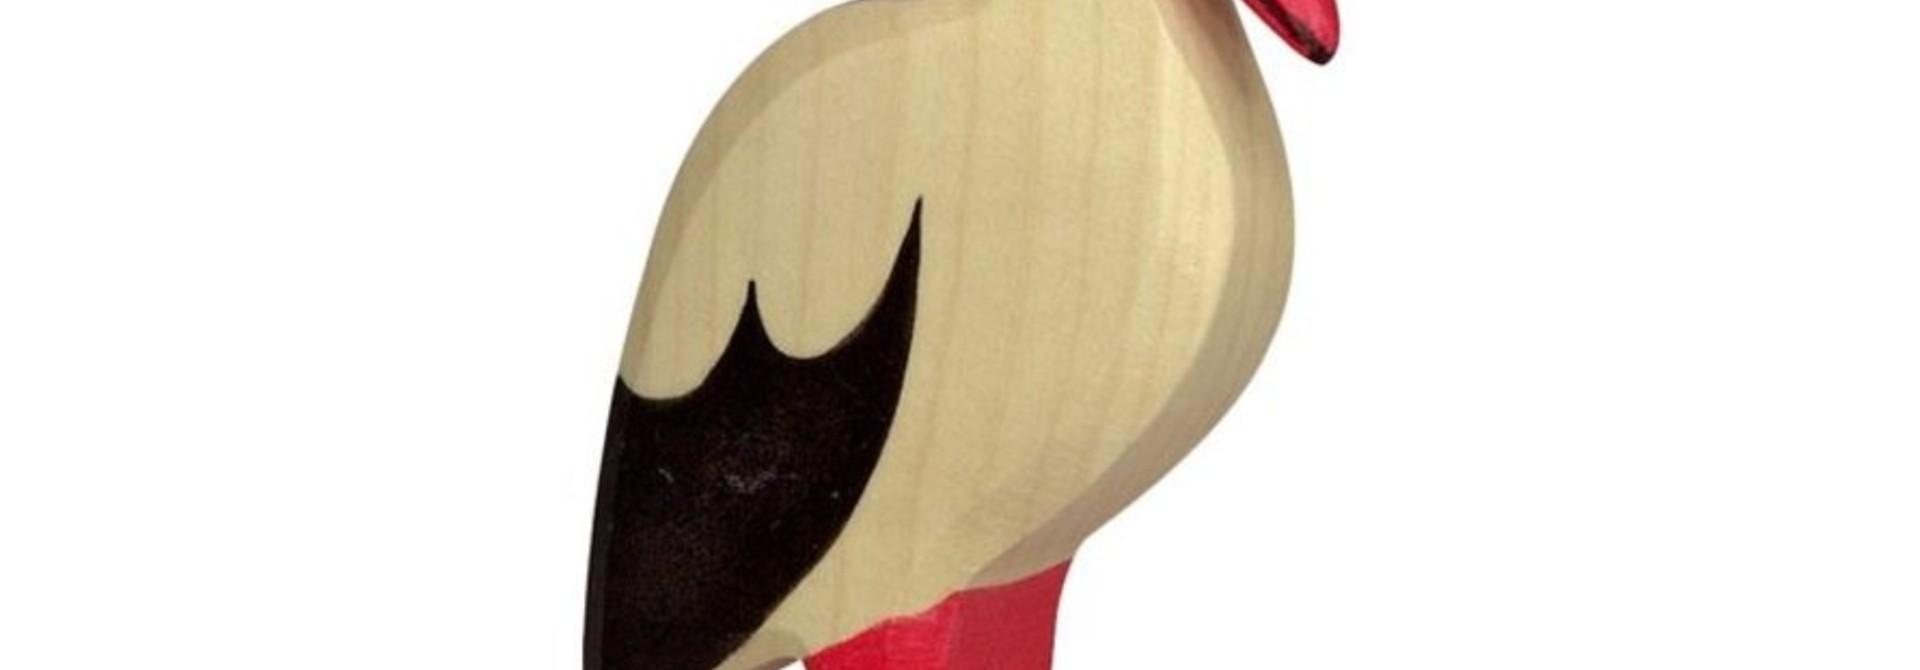 Wooden stork